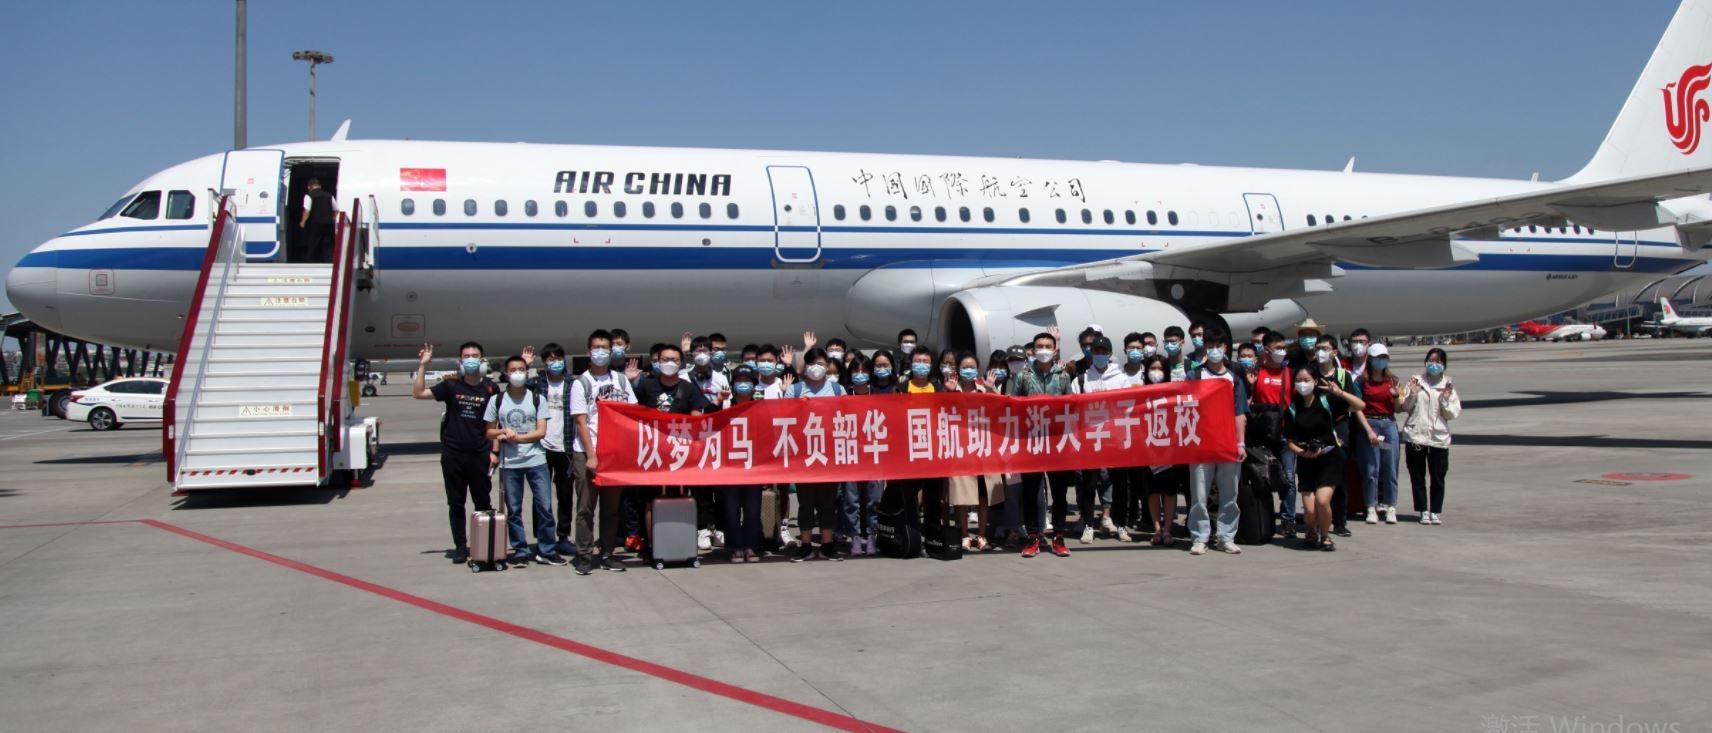 成都始发首架高校复学包机  52名川籍浙大学子乘坐国航定制包机复课